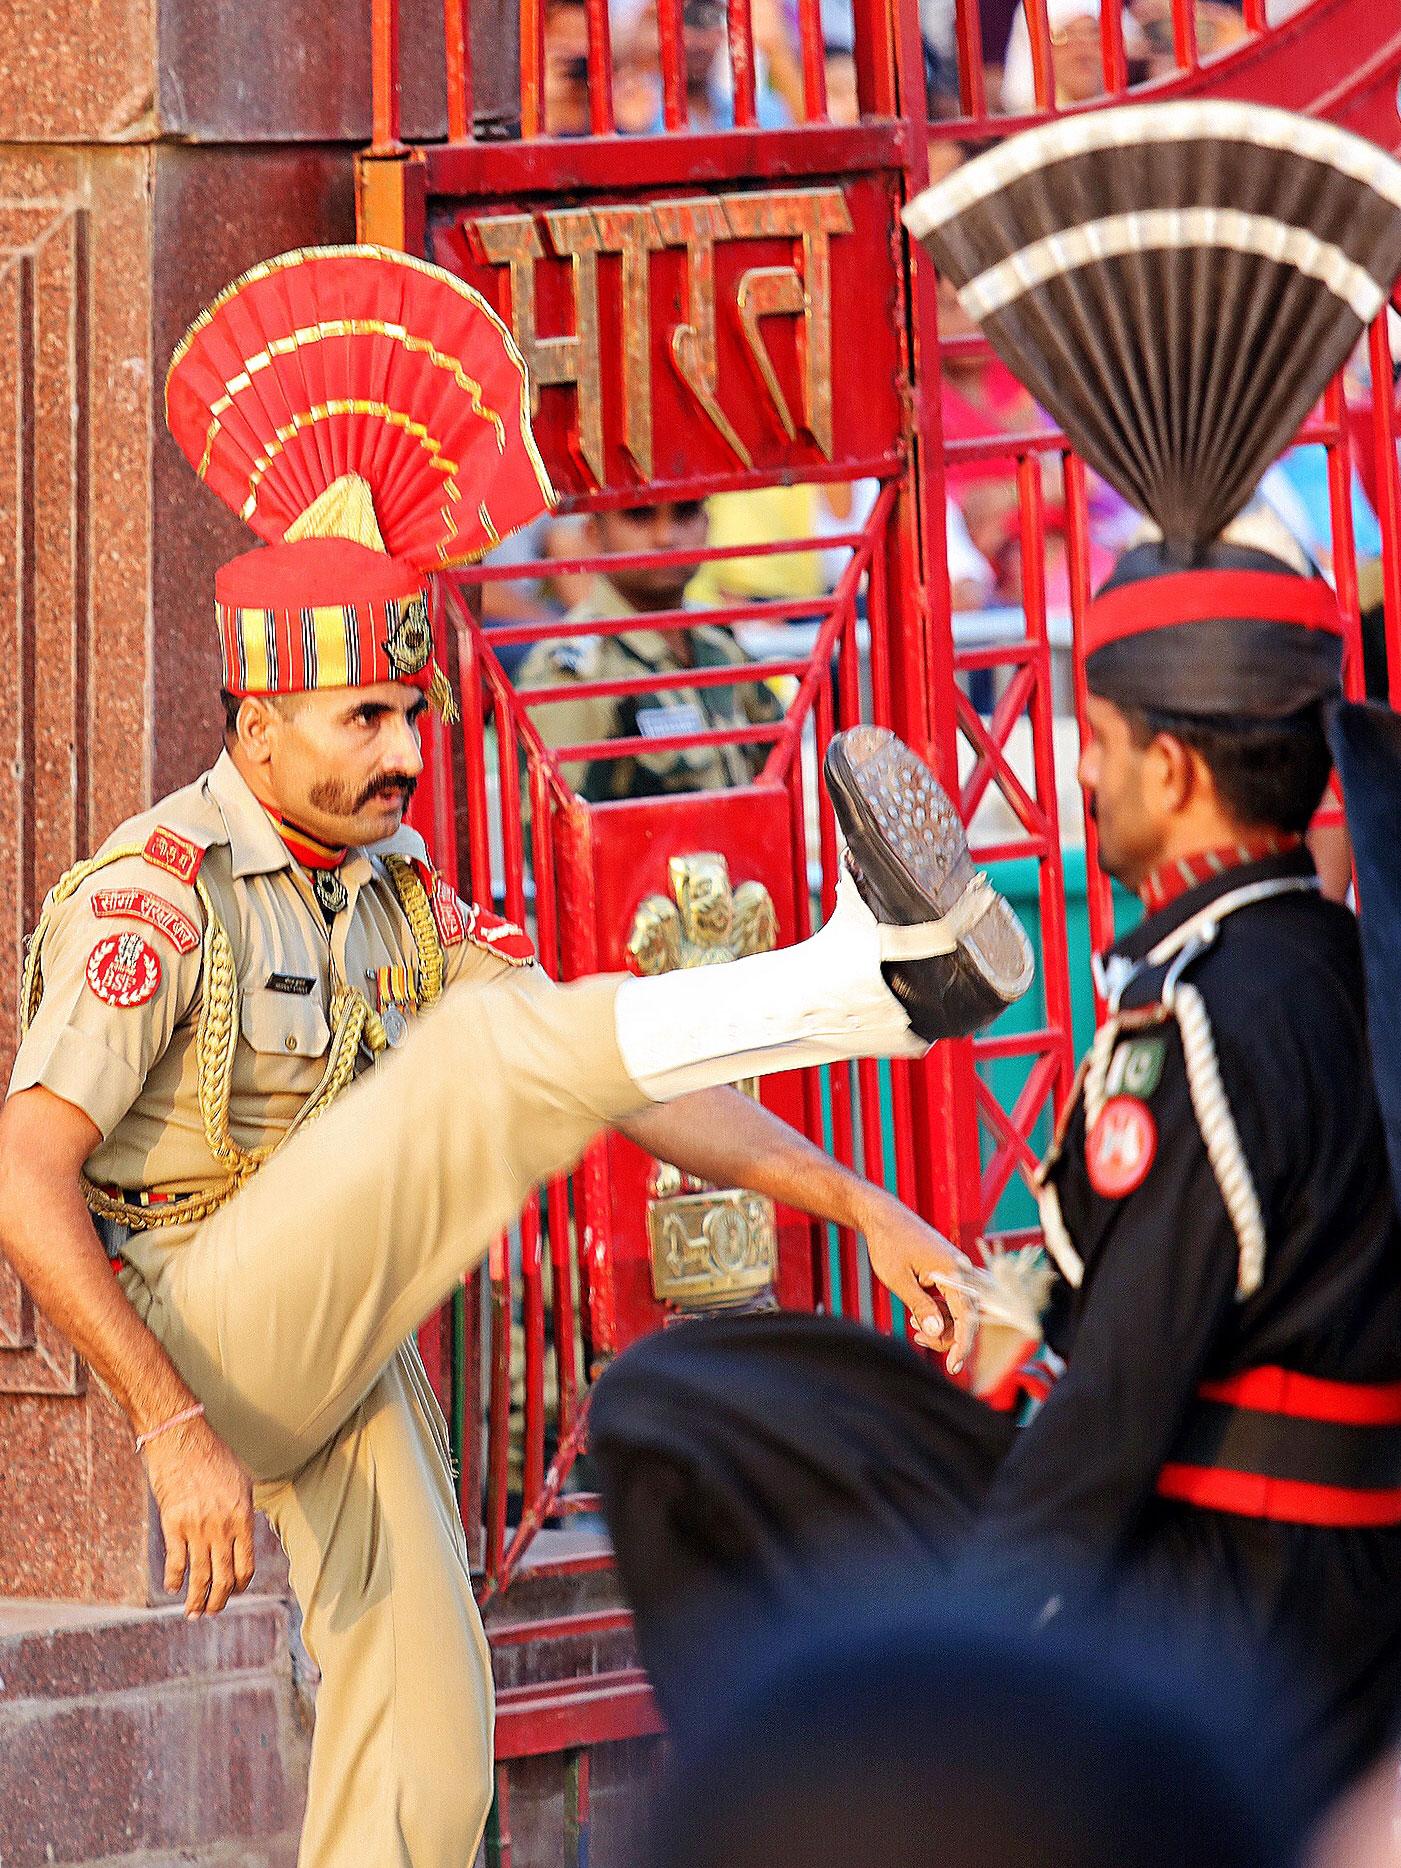 一言不合就开打?发生在印巴边界上的全世界最奇葩降旗仪式_游记